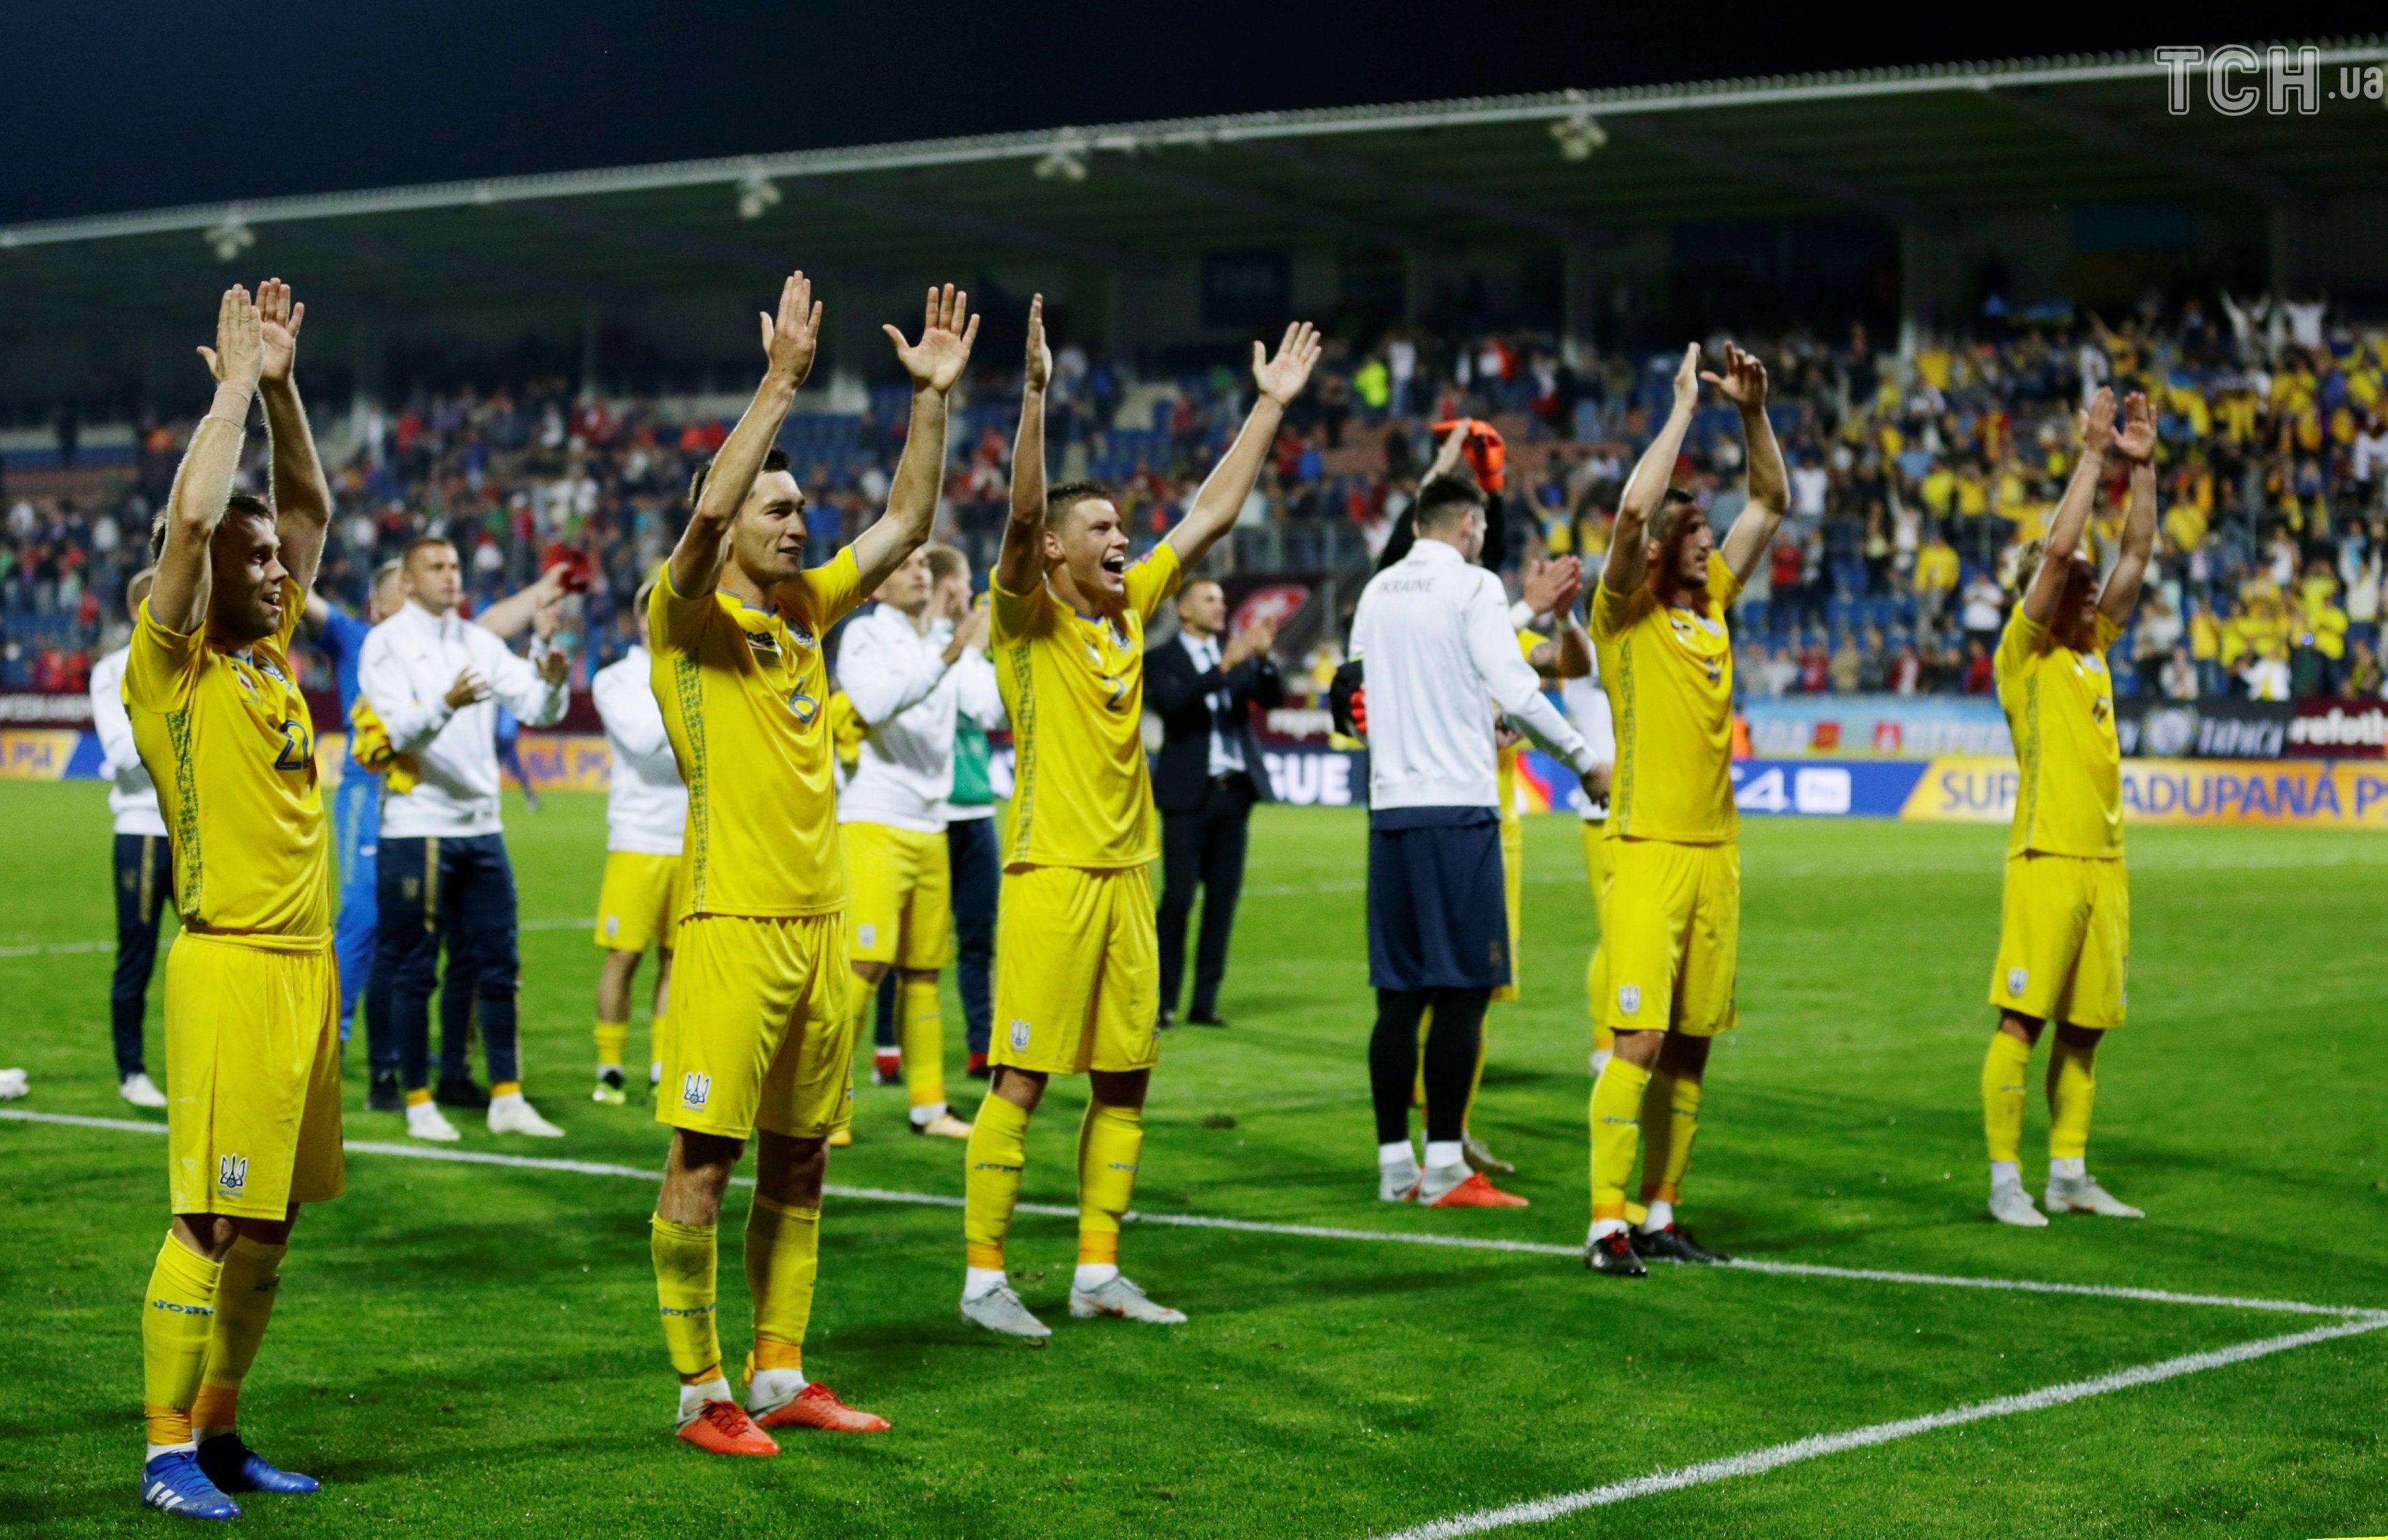 Миколенко отримав виклик взбірну України, Ракицький і Марлос— поза заявкою